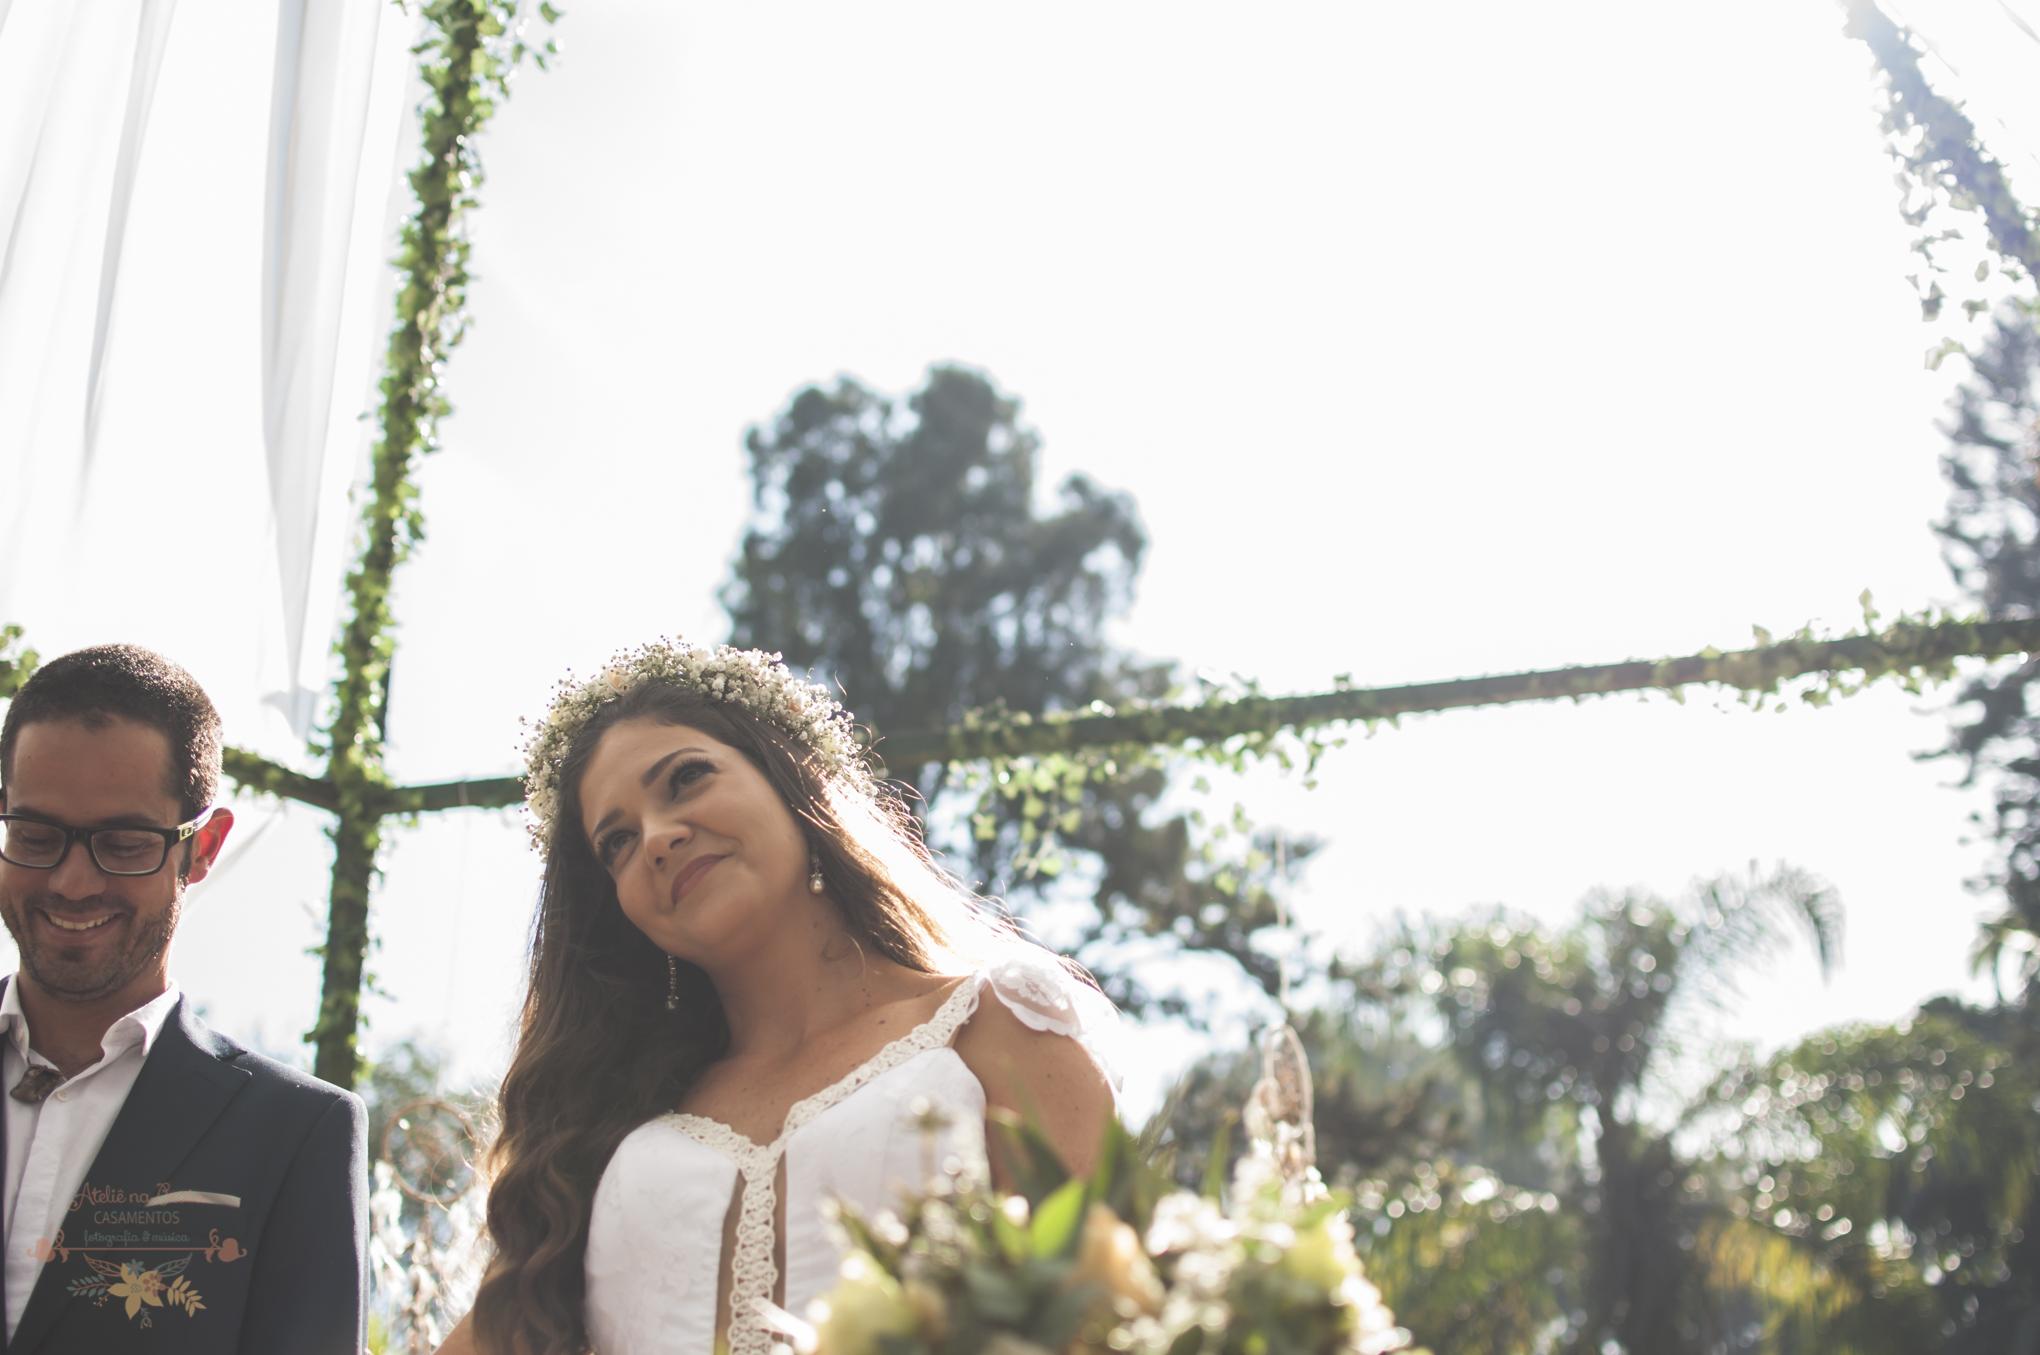 04-Cerimonia-Atelie-na-Praia-Nadine-Carlos-Casamento-1492